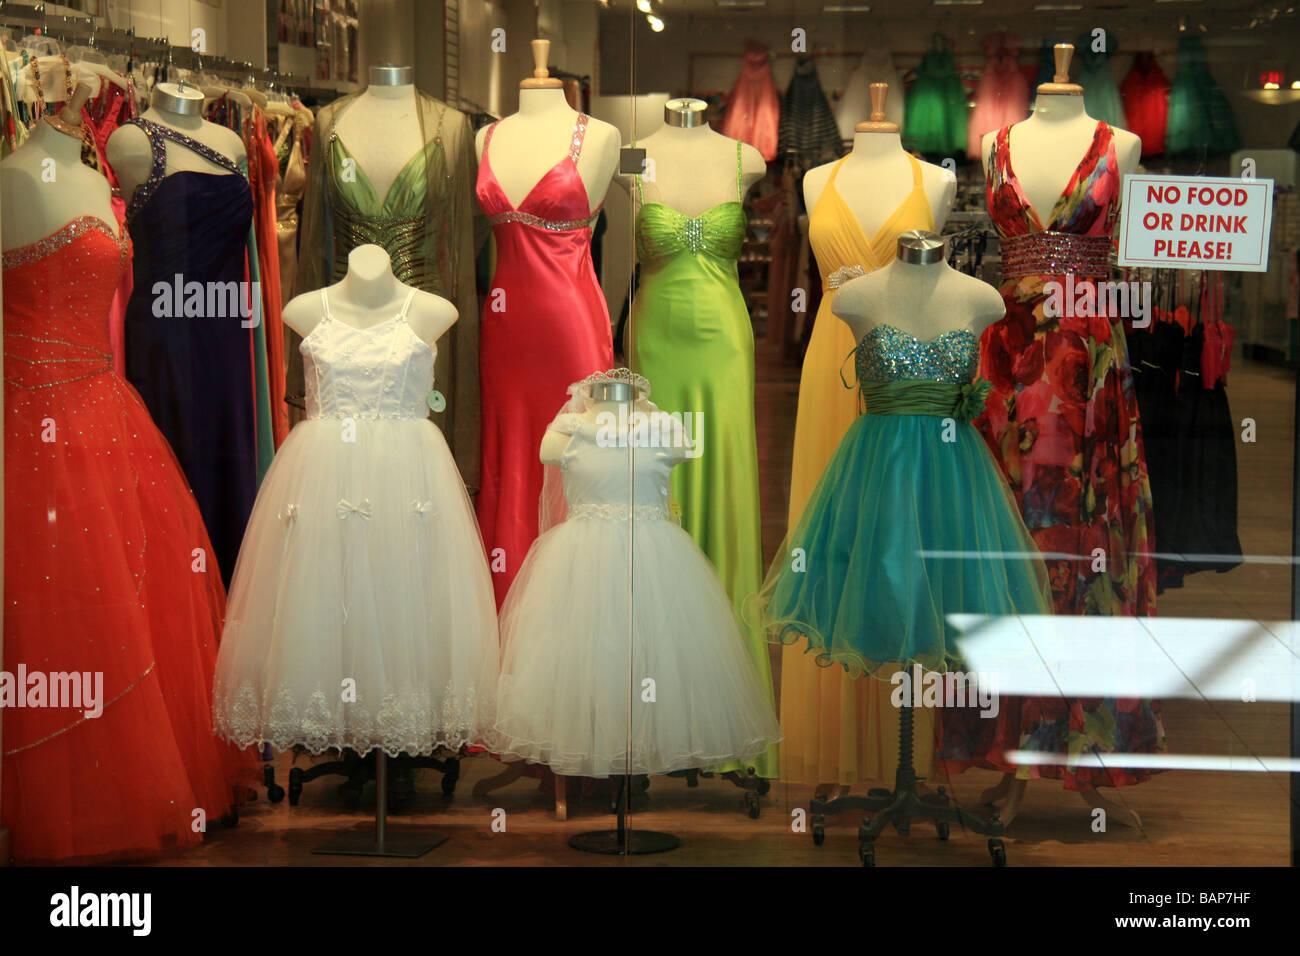 Ziemlich Klebeband Kleid Für Verkauf Zeitgenössisch - Brautkleider ...